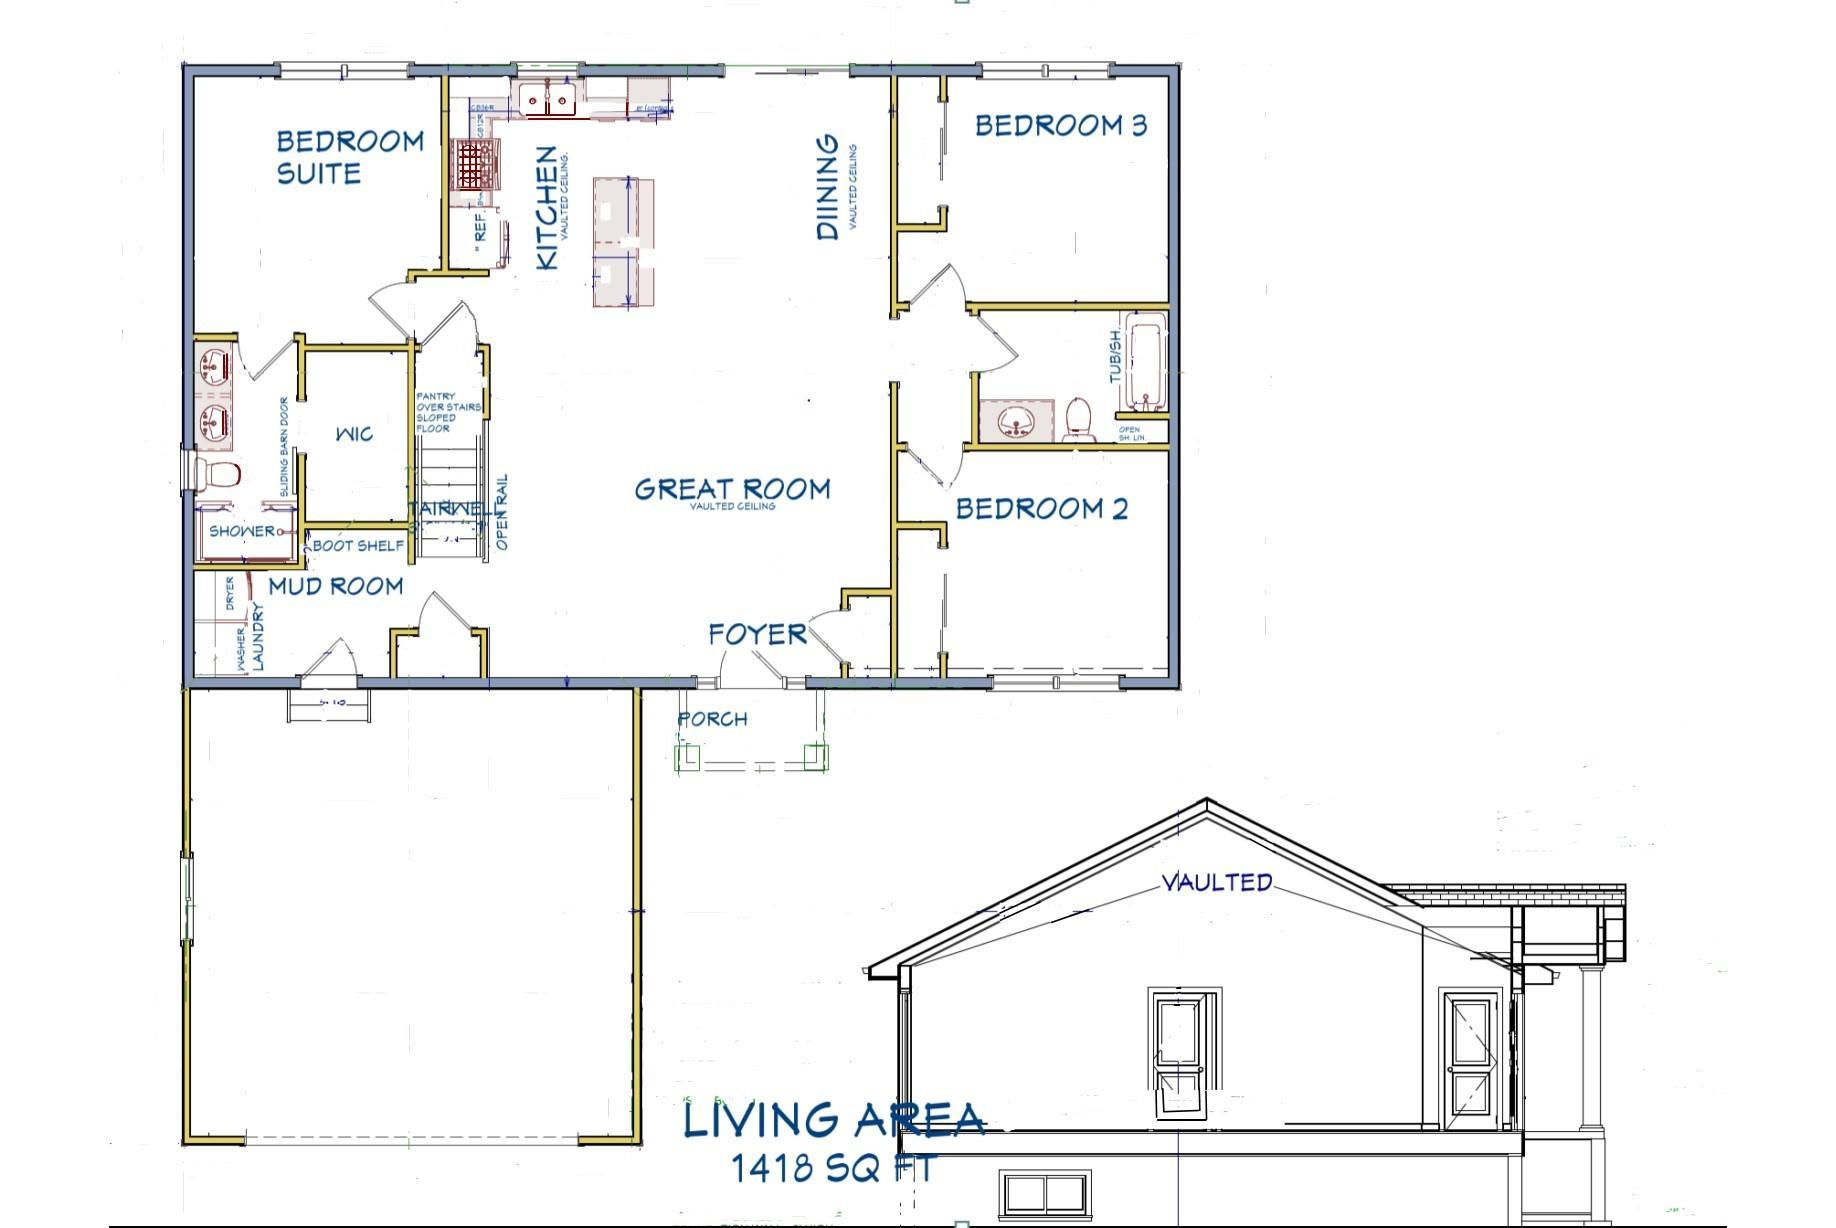 Image of floor plans